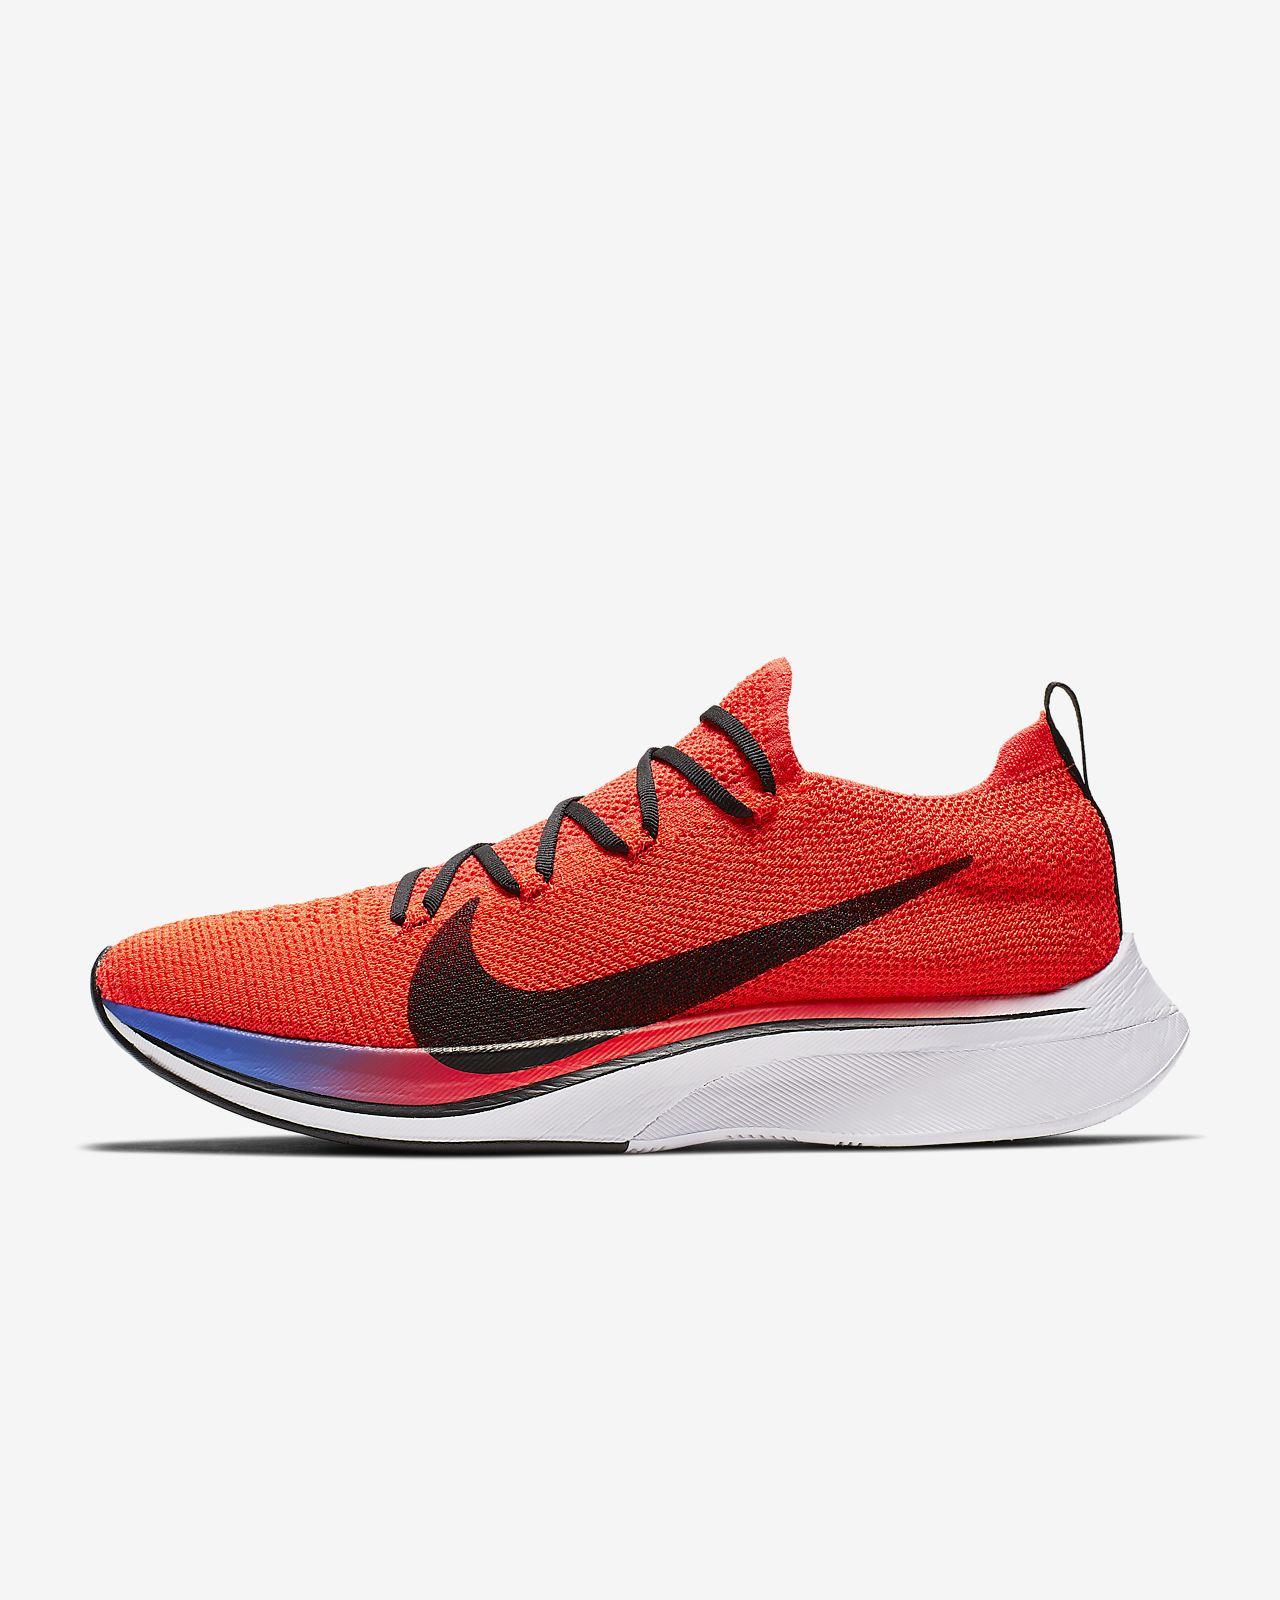 Buty do biegania Nike Vaporfly 4% Flyknit